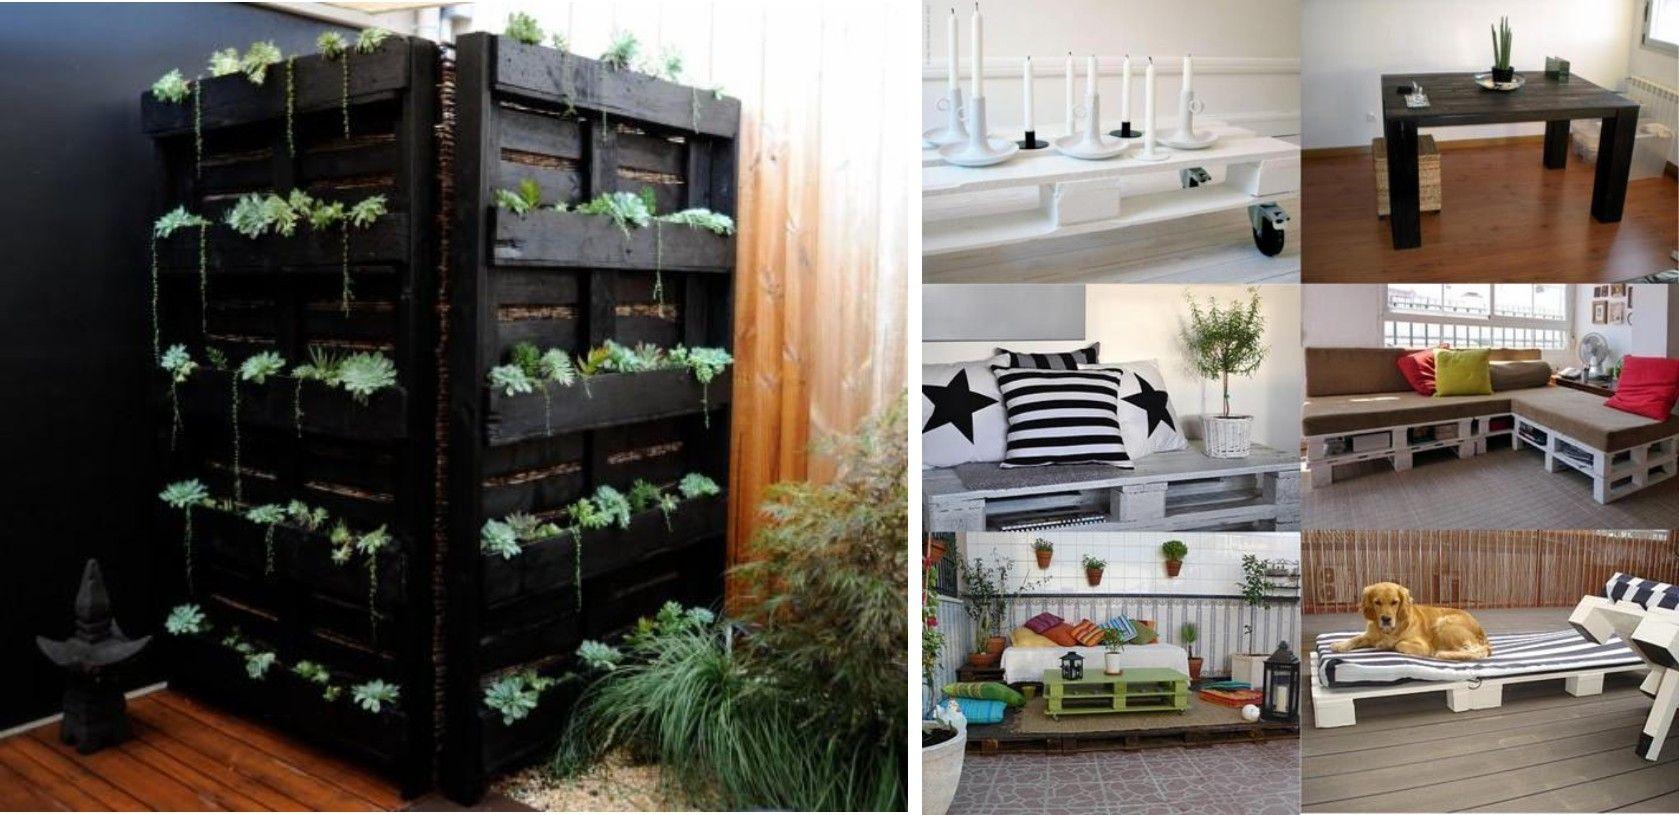 Plantas en palets recicle renew muebles con palets - Palets muebles reciclados ...